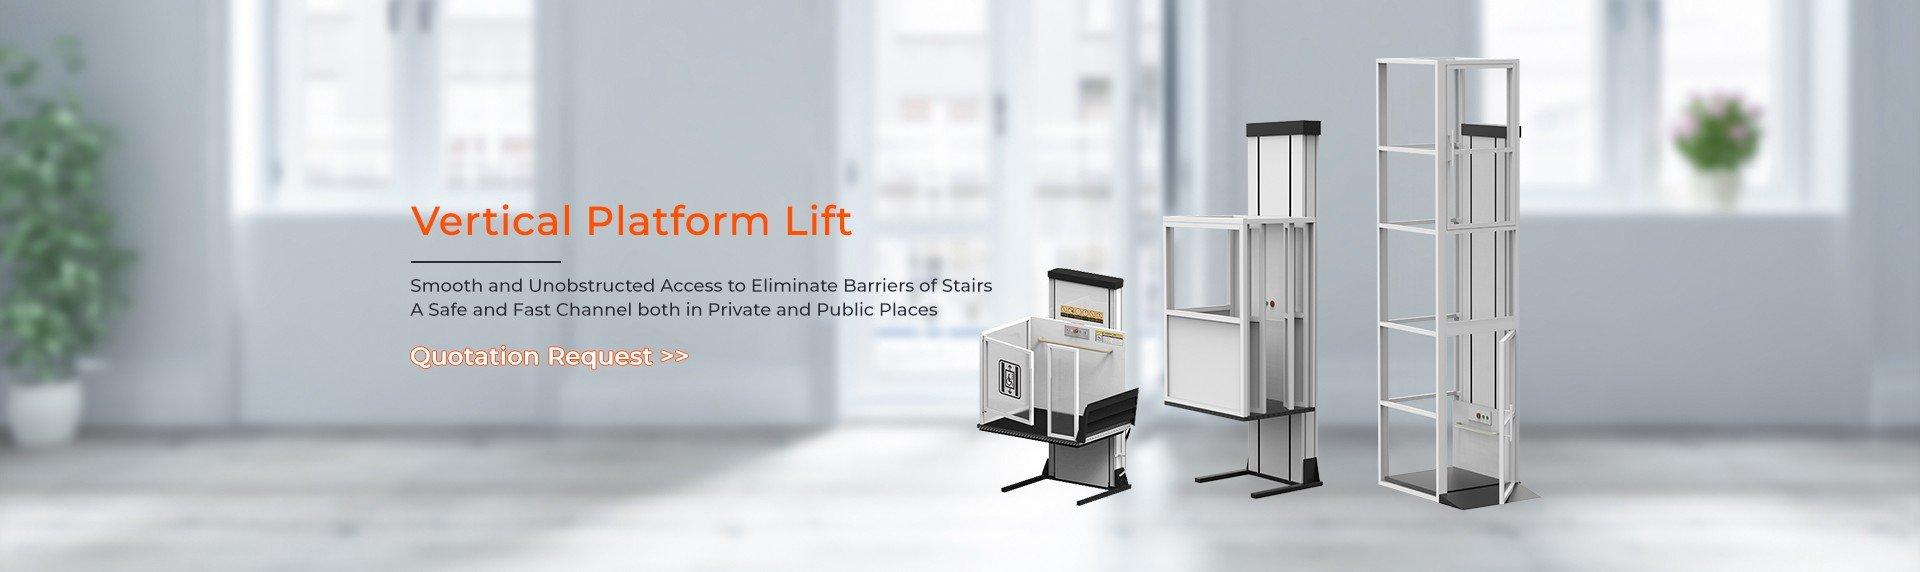 banner3 Vertical Platform Lift